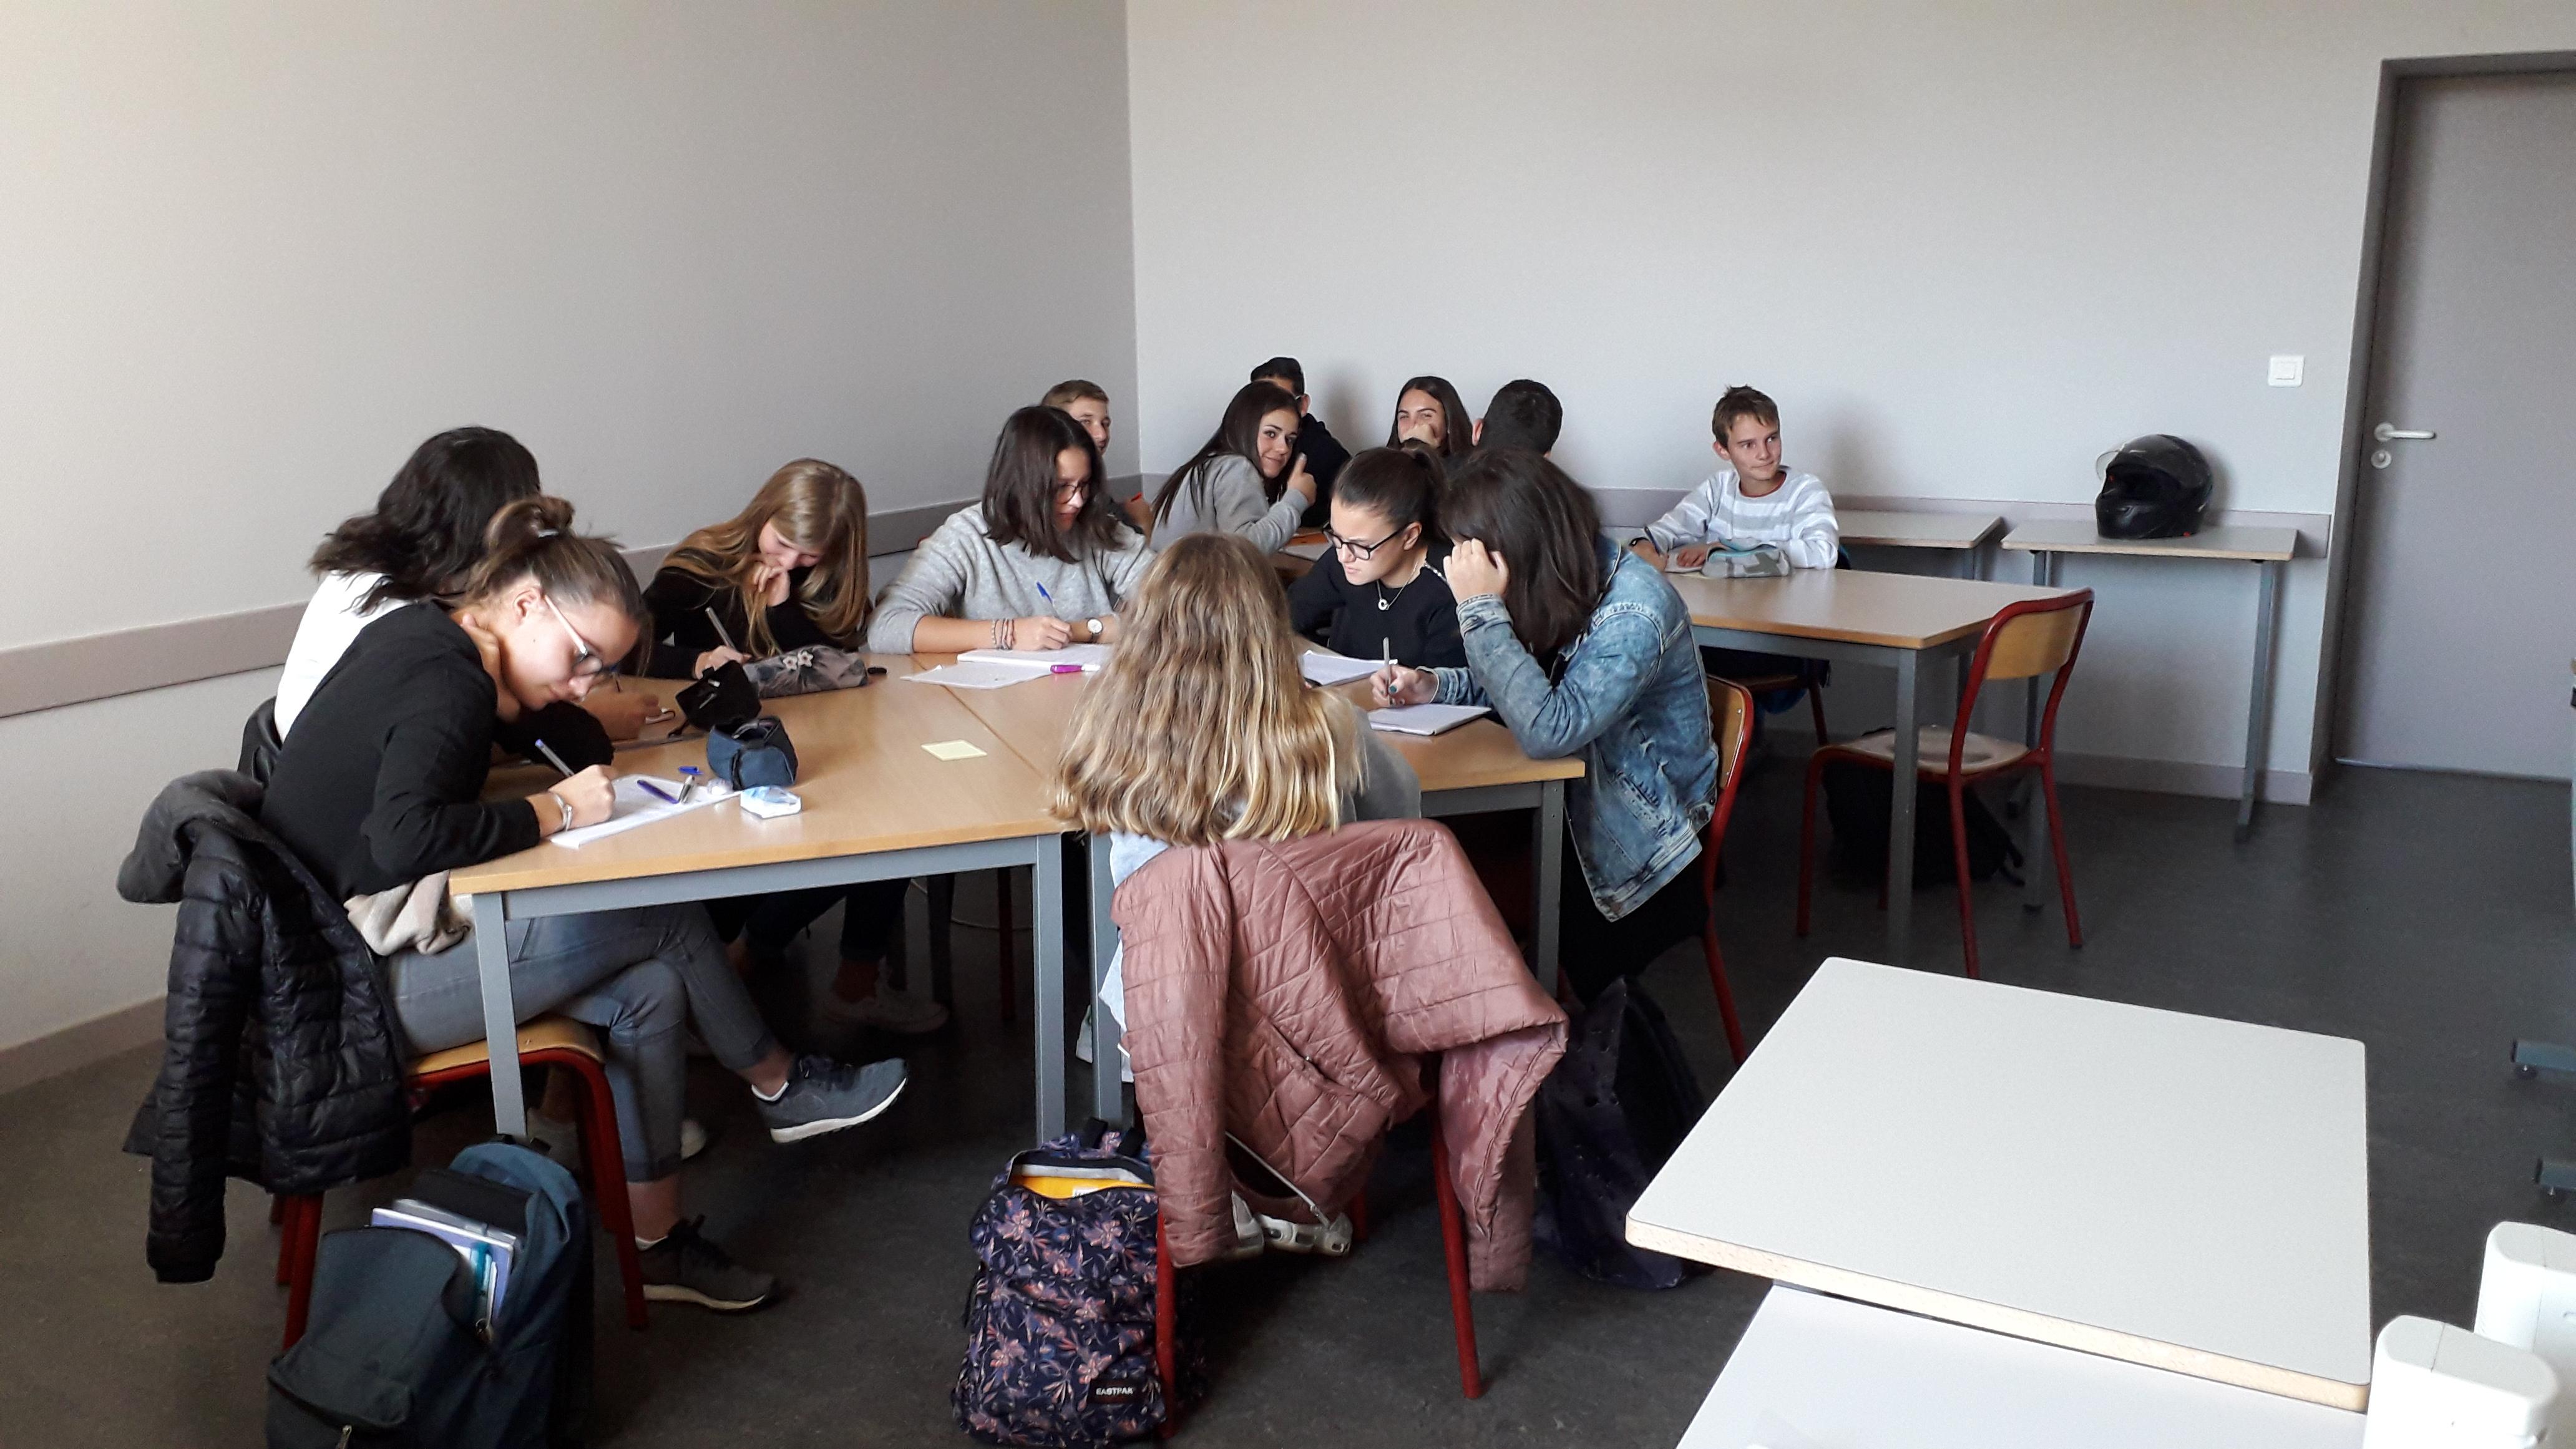 Vacances studieuses au lycée La Chartreuse